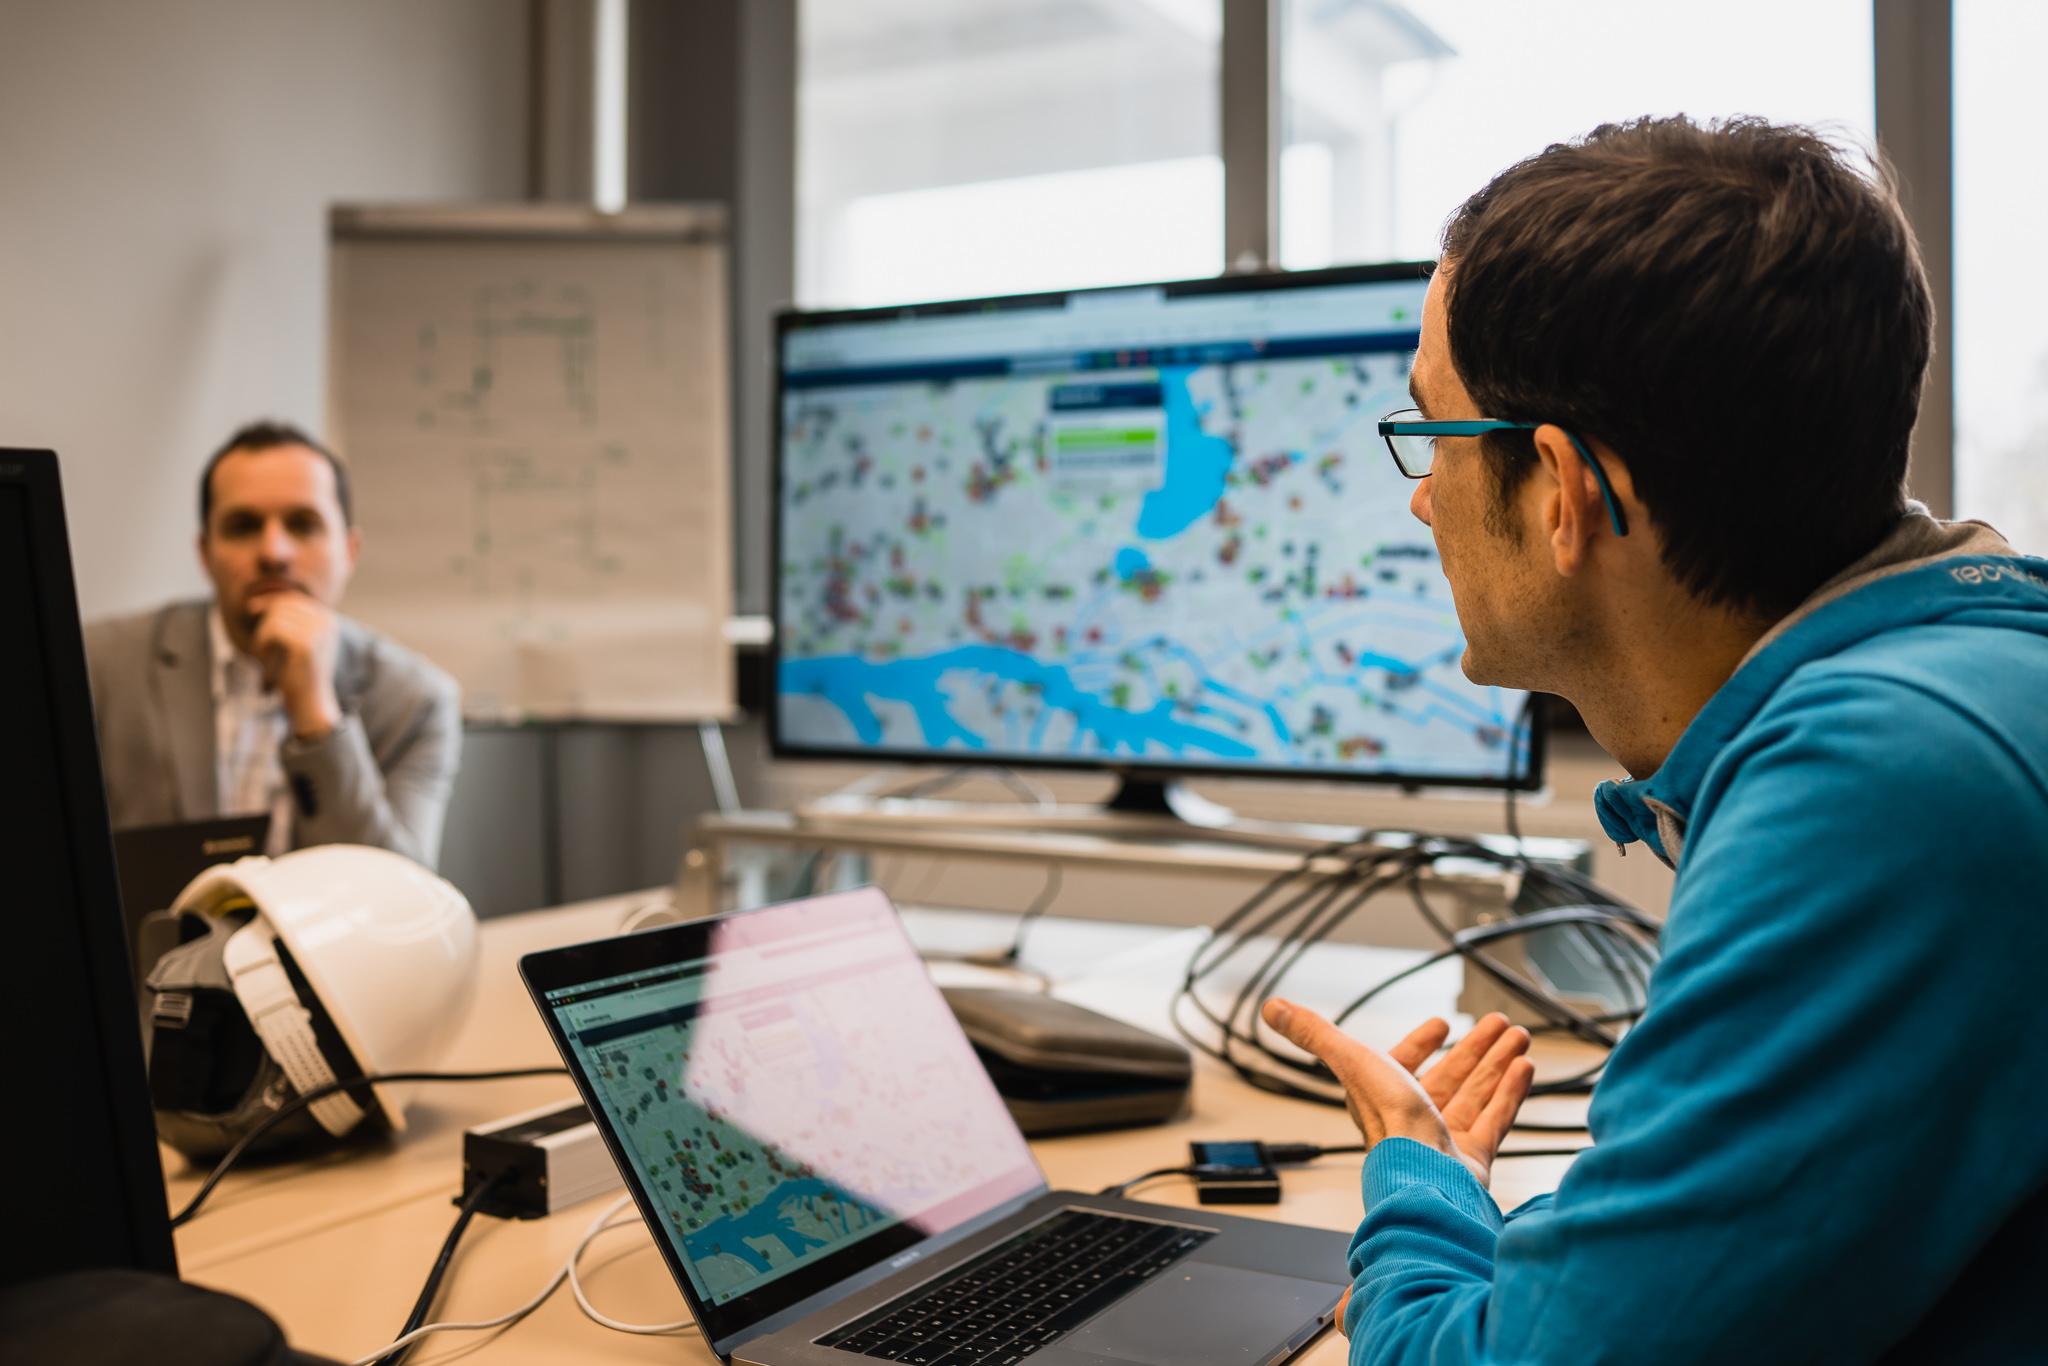 Ein Mann sitzt vor einem Laptop und spricht mit jemanden. Im Hintergrund Bildschirm mit Wheelmap Karte